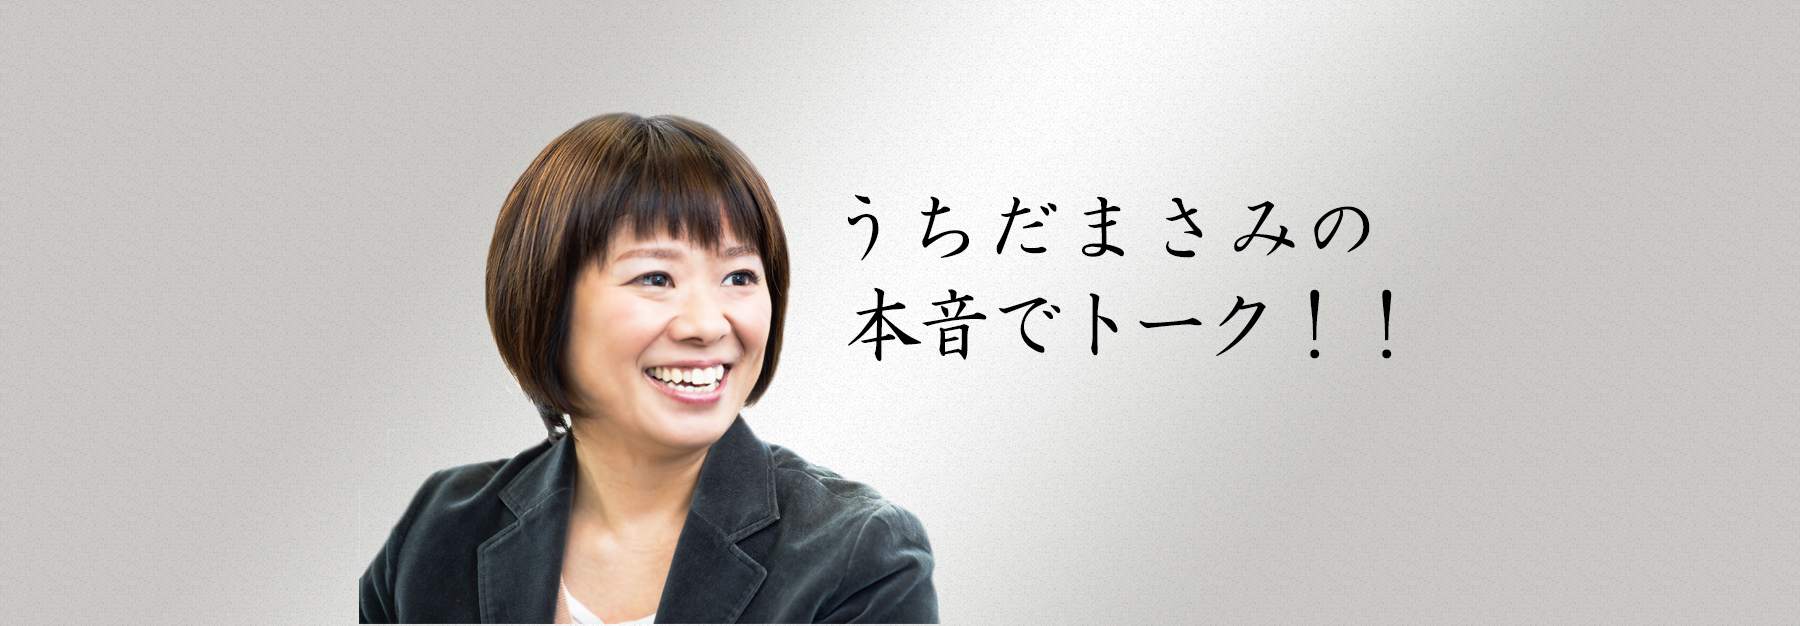 うちだまさみの本音でトーク!! IPO社長訪問